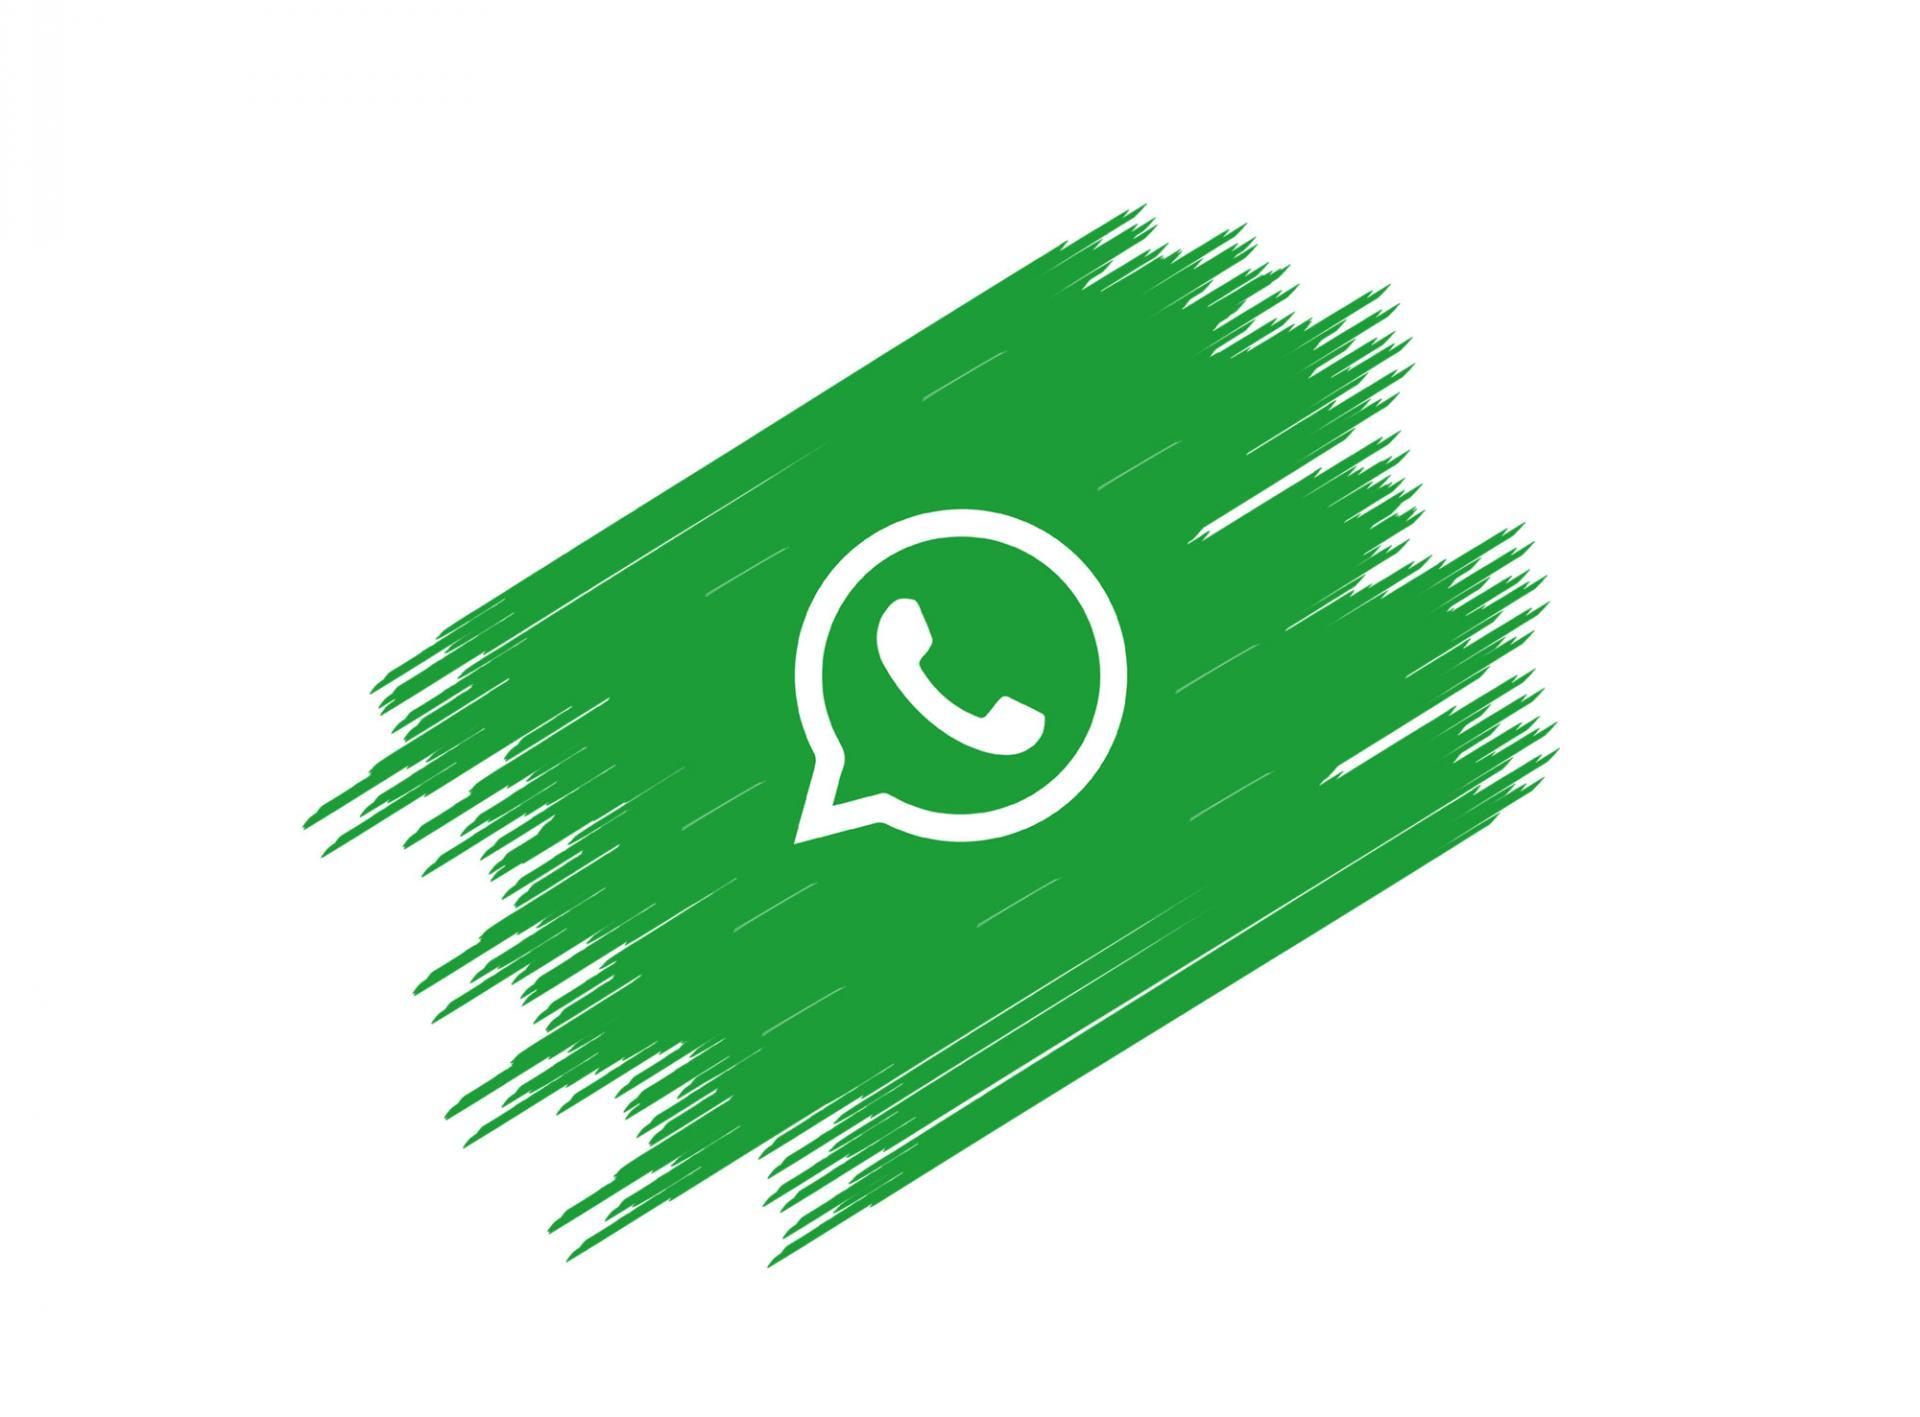 Как понять, что пользователь заблокировал тебя в WhatsApp